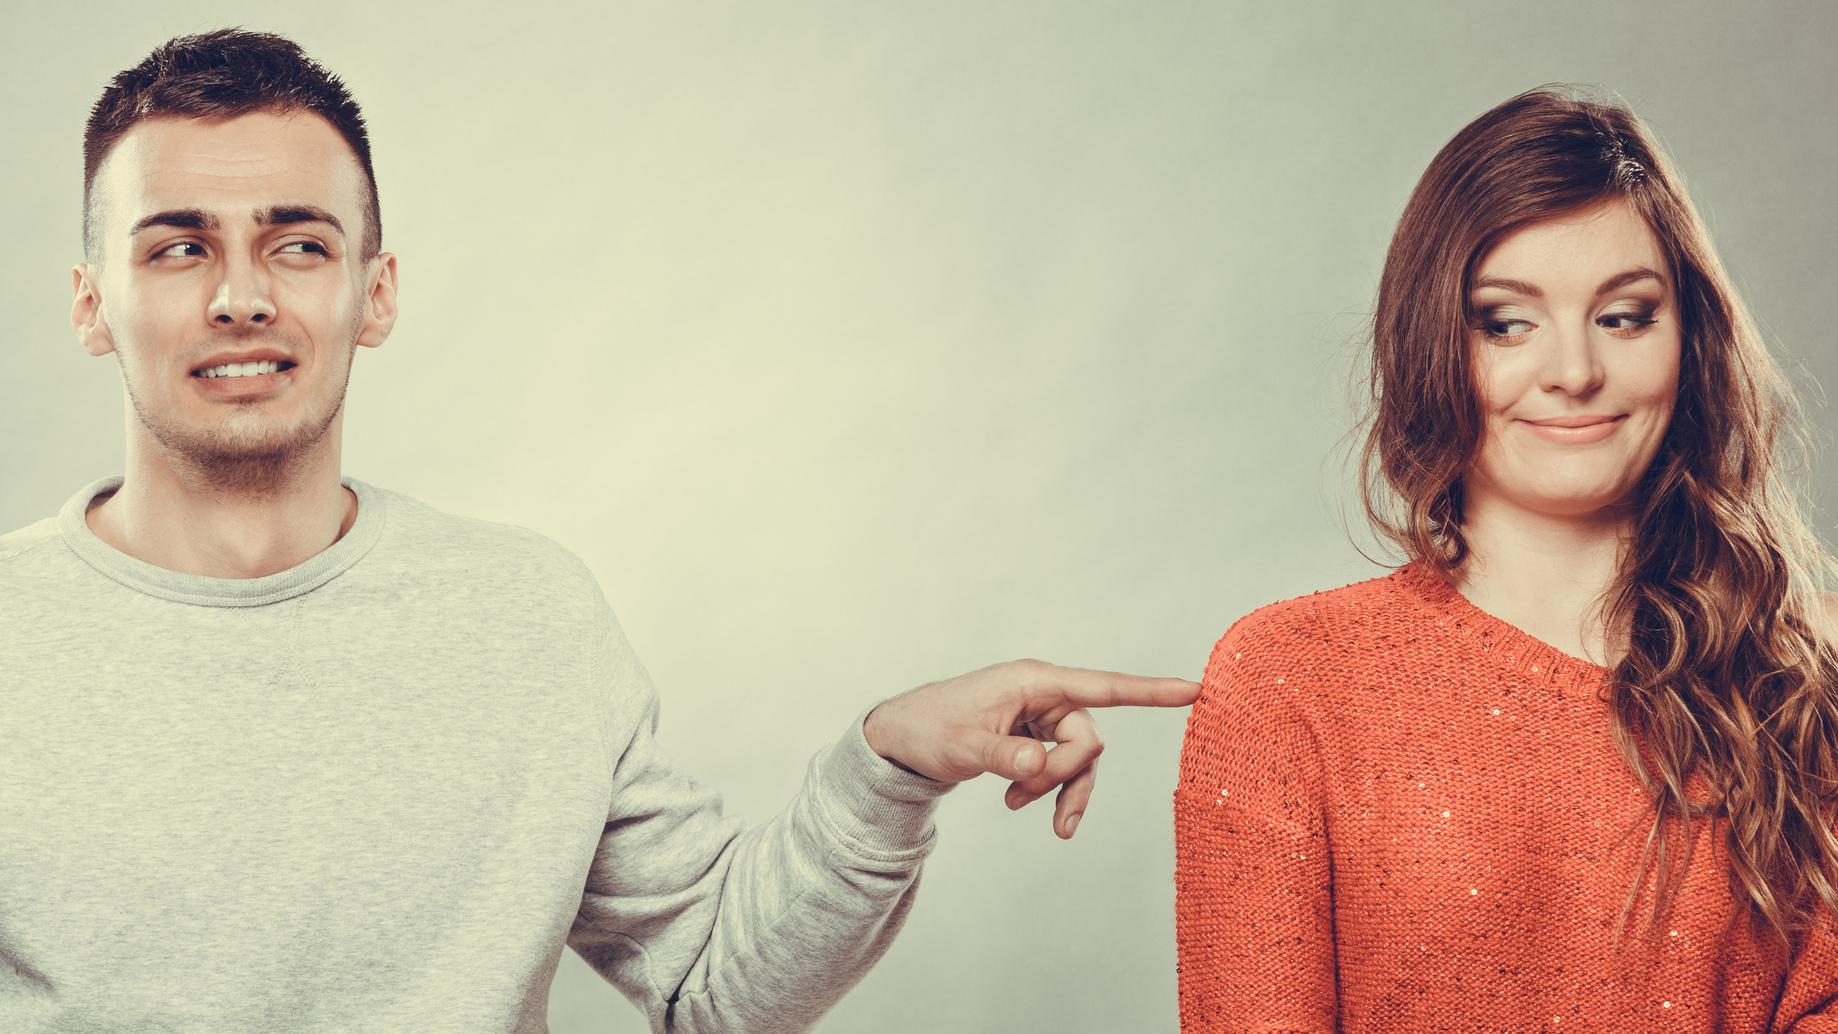 Мужские фразы, после которых можно расставаться